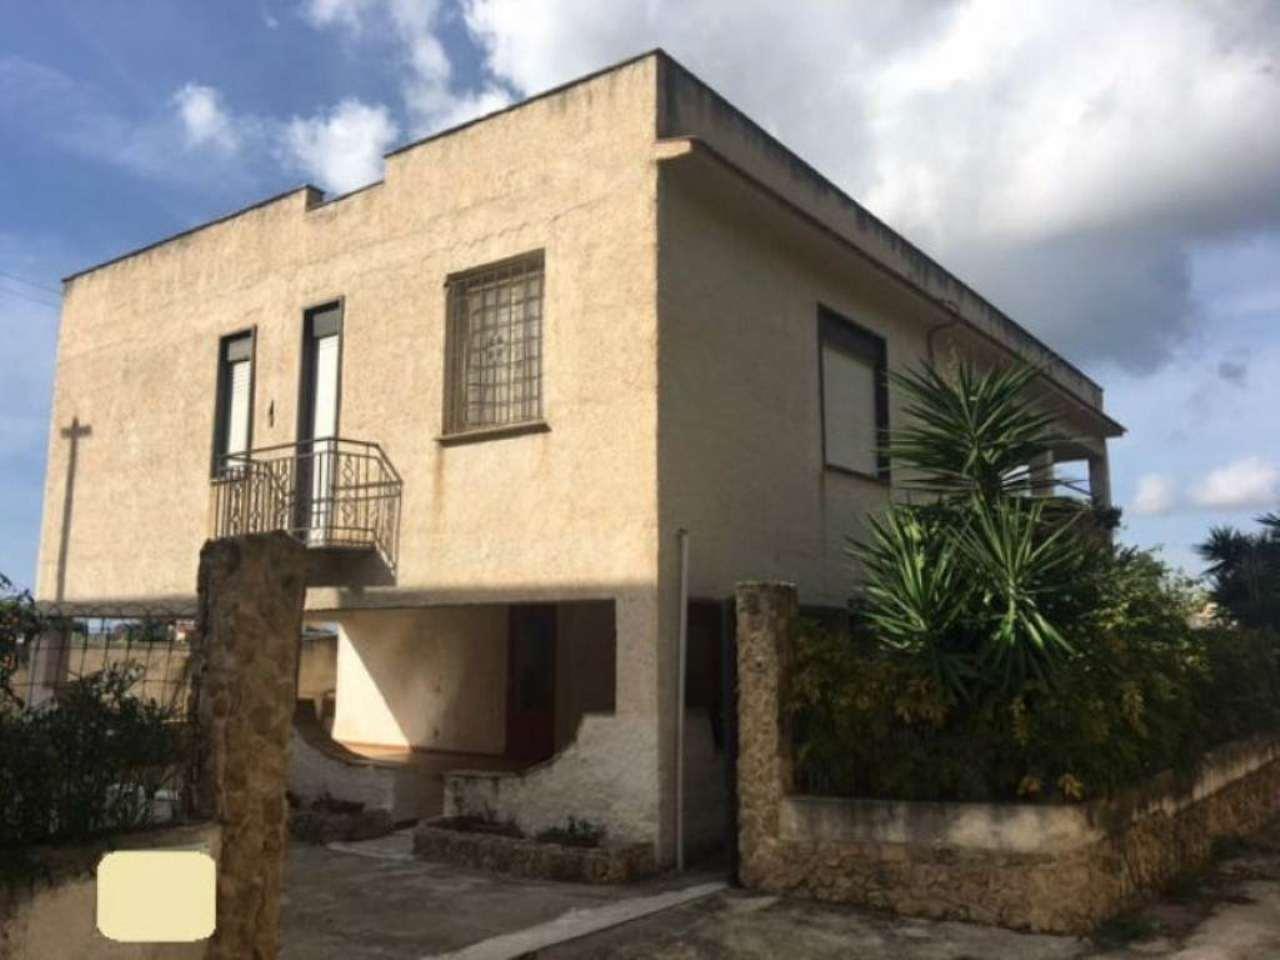 Villa in vendita a Castelvetrano, 8 locali, prezzo € 180.000 | Cambio Casa.it